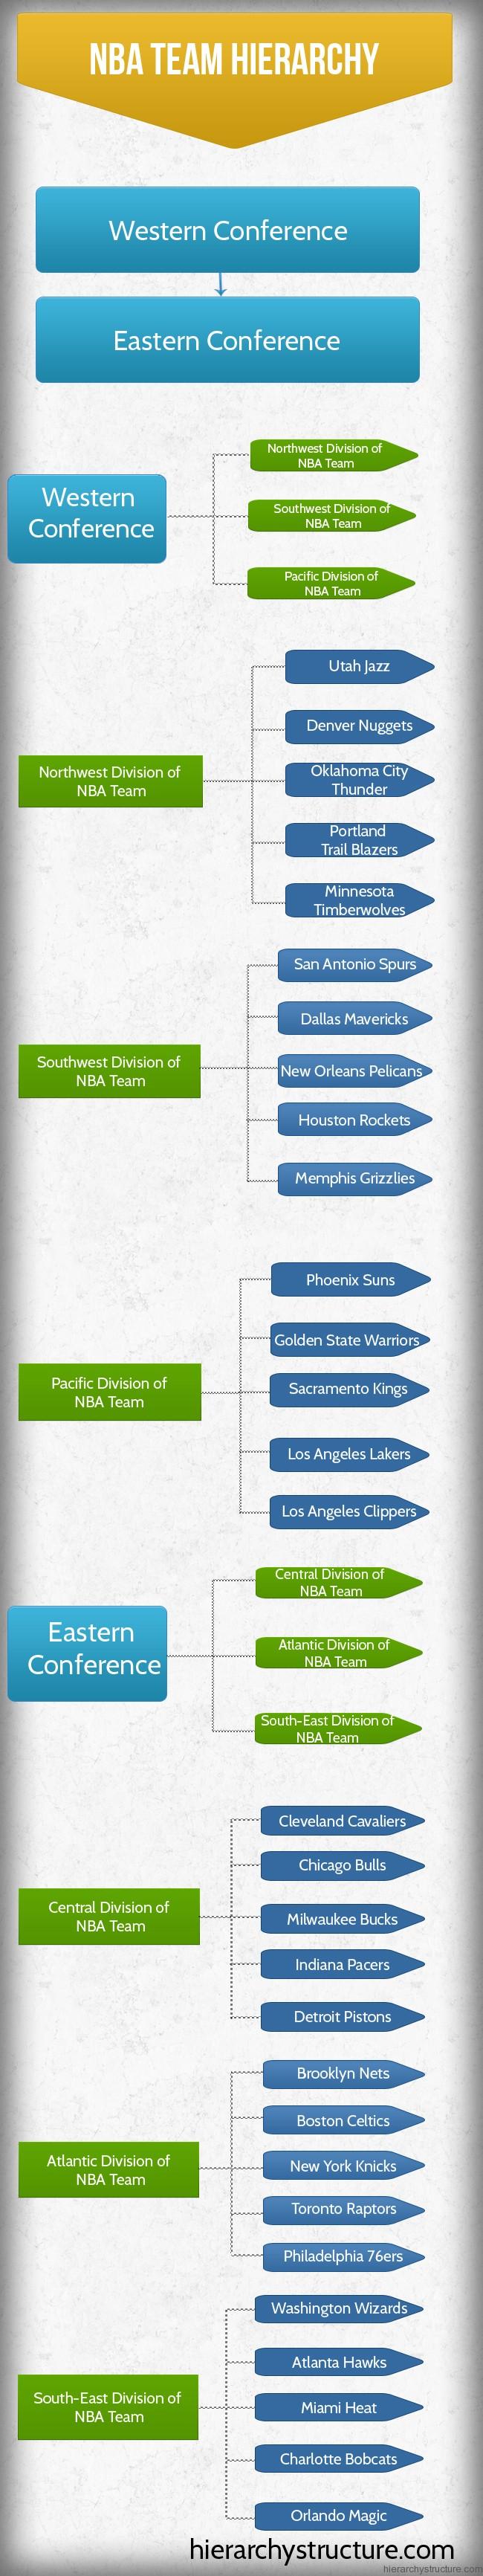 NBA Team Hierarchy